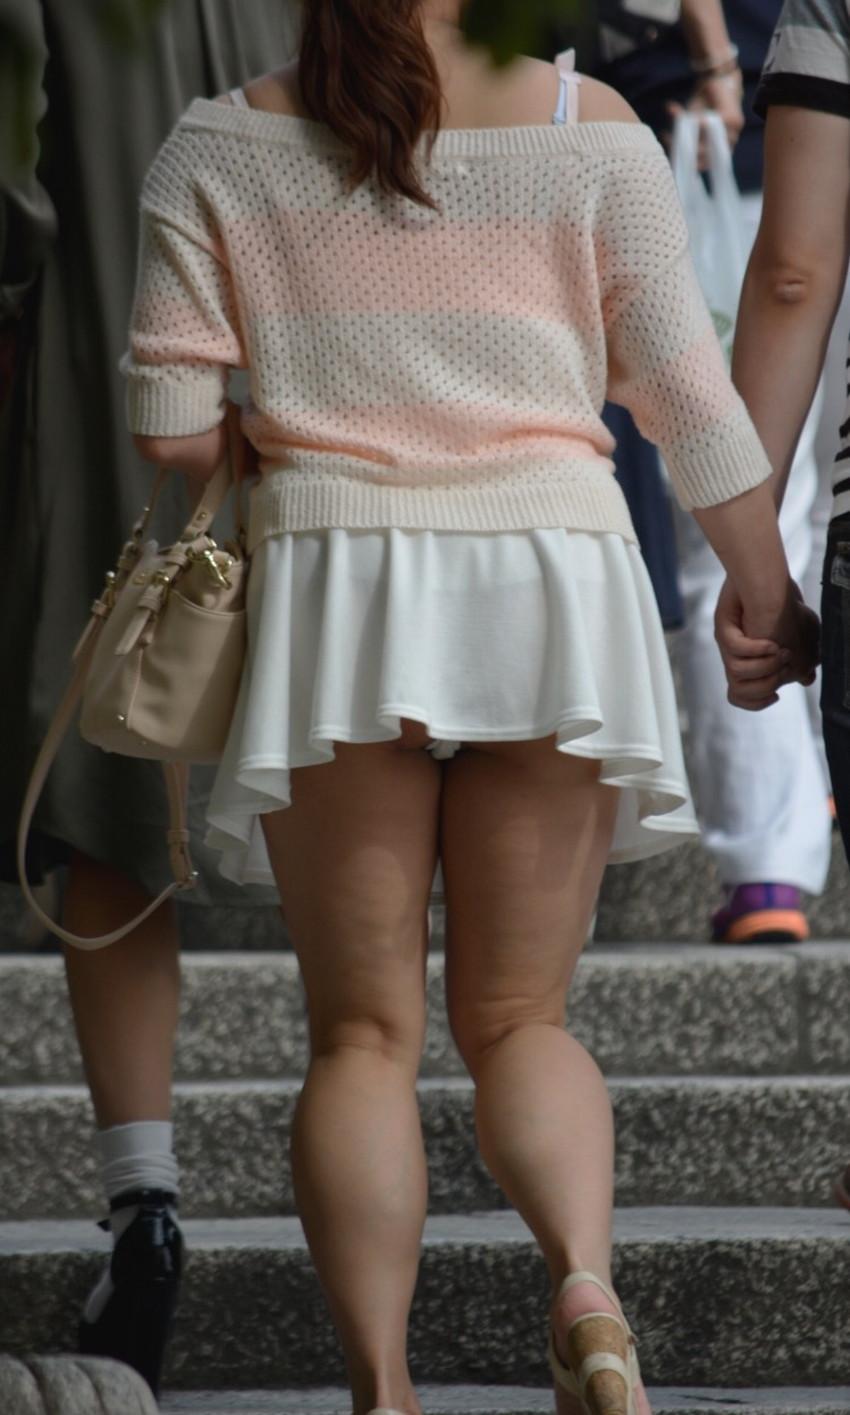 【階段パンチラエロ画像】素人女子の階段パンチラを盗撮する為にエレベーターは使わない!性欲解消と運動にもなる階段パンチラのエロ画像集!ww【80枚】 40